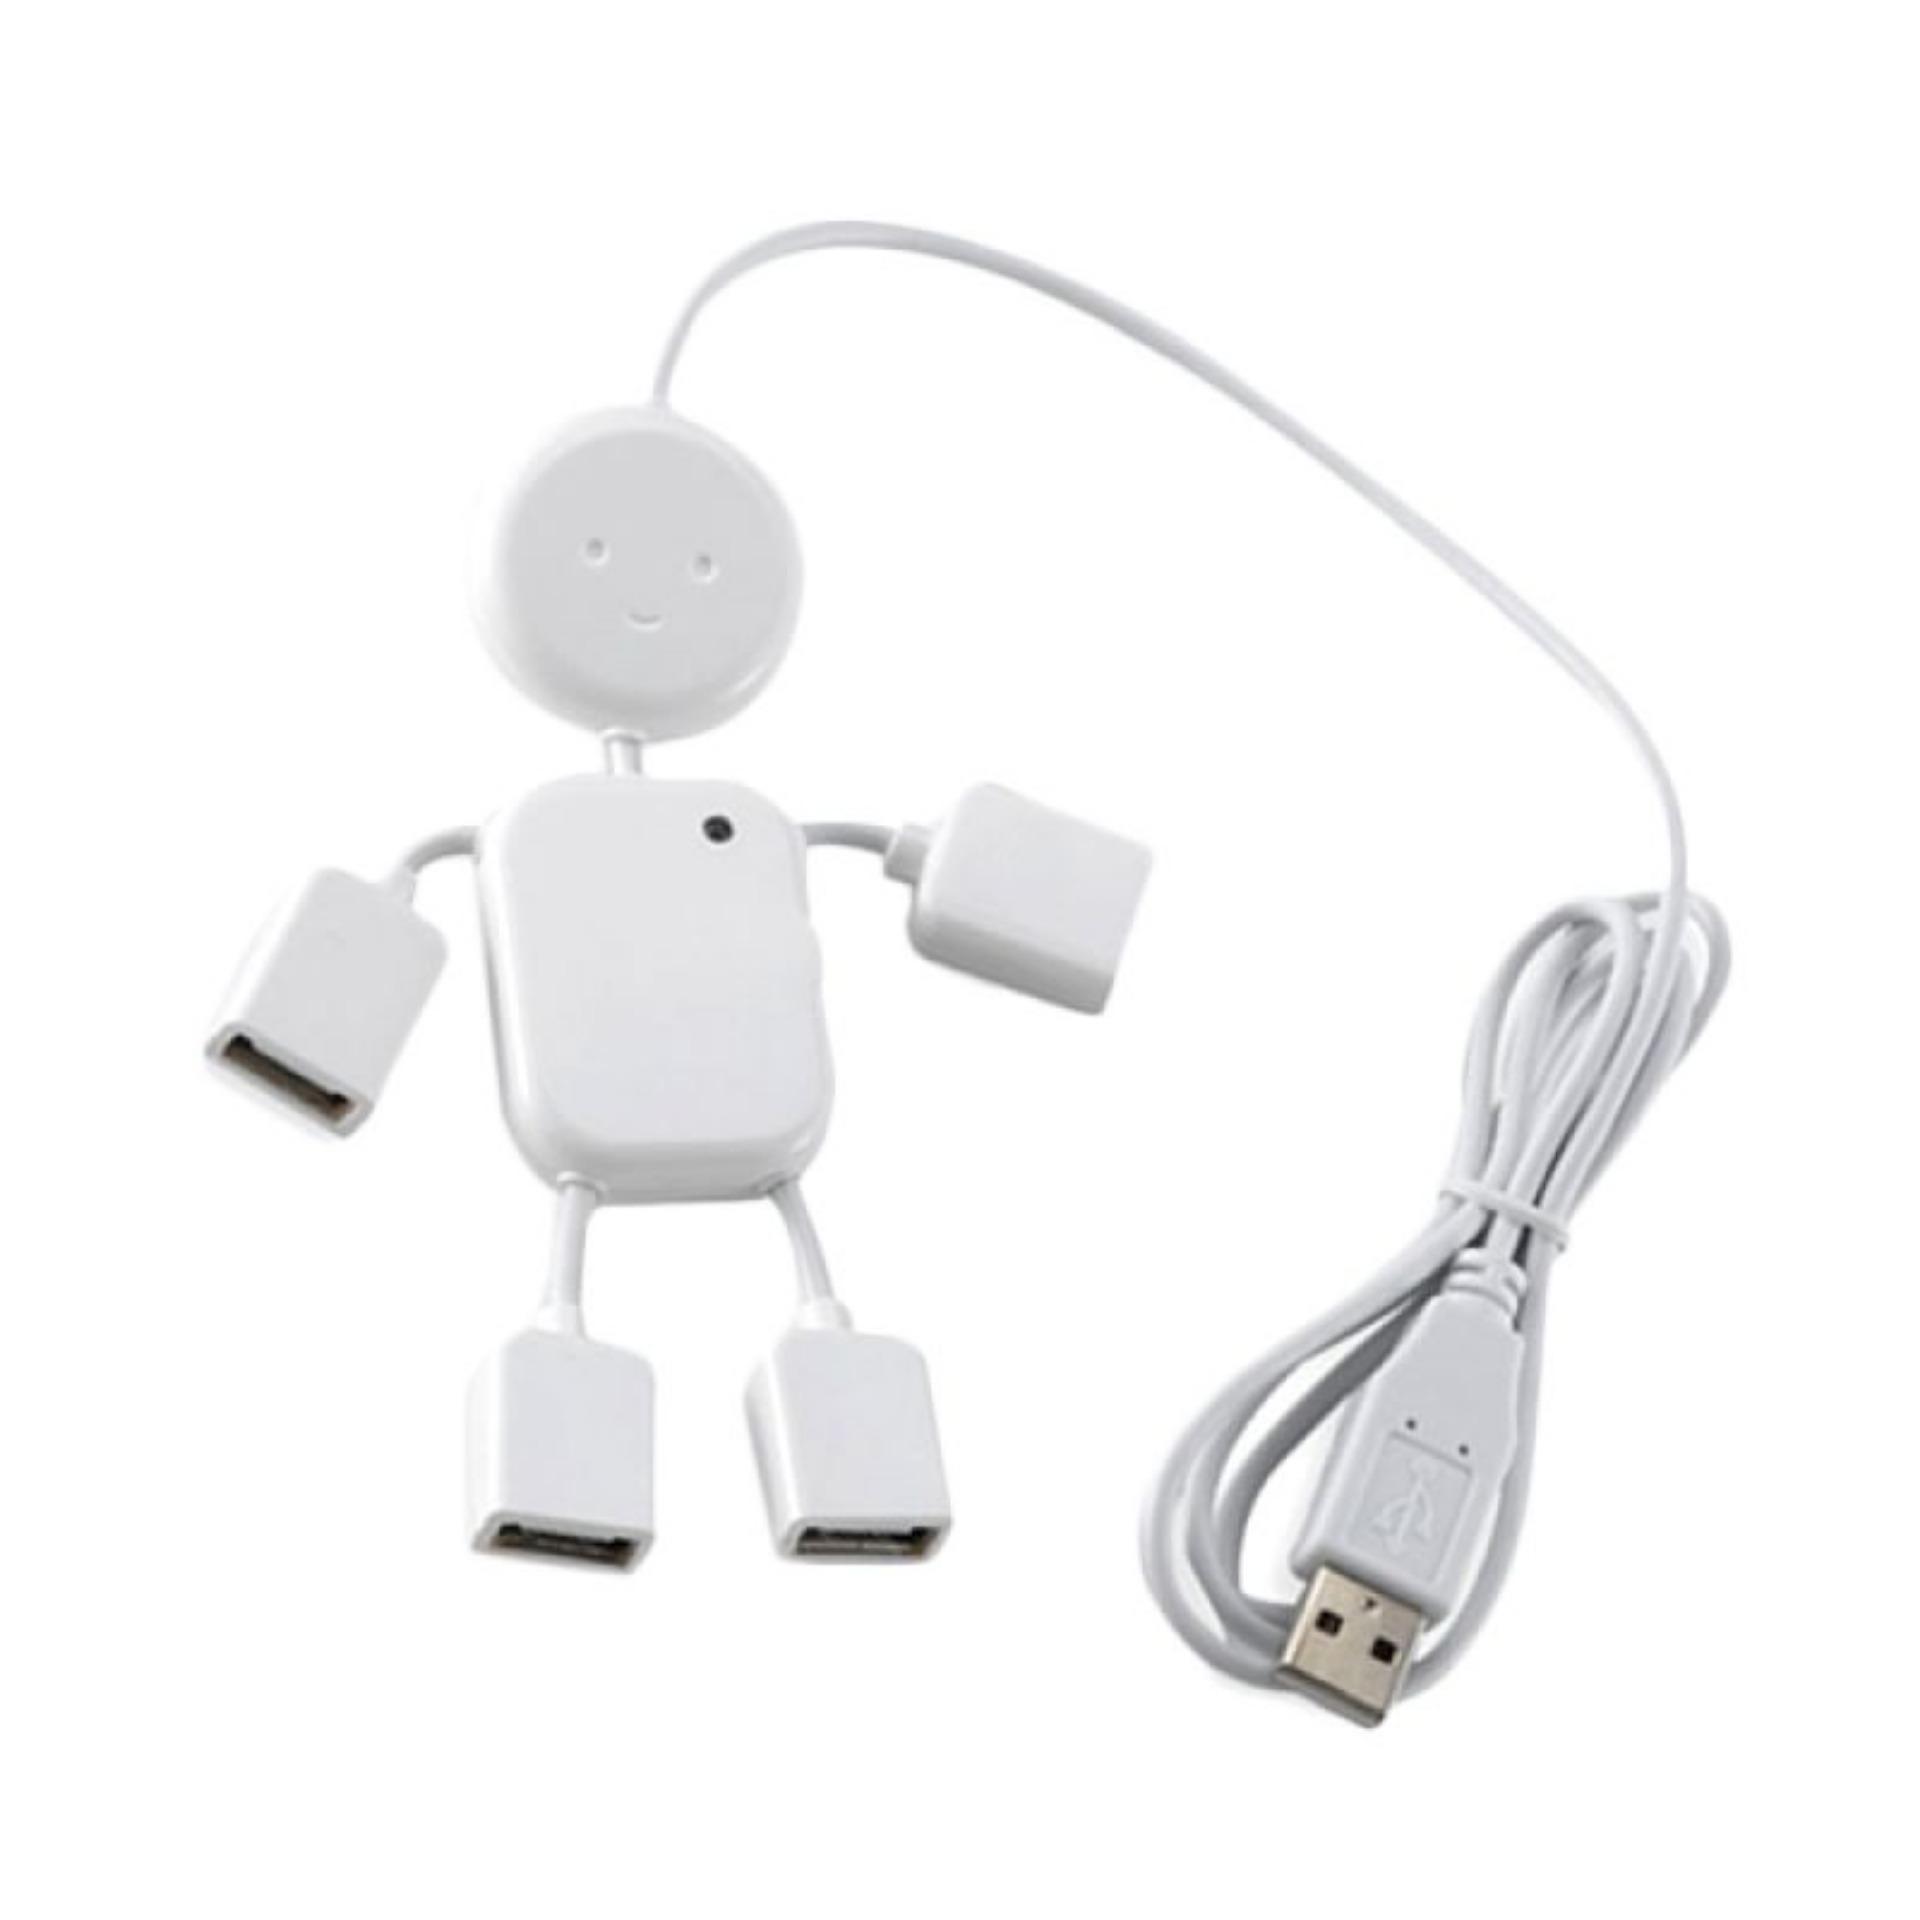 Hình ảnh Hub chia USB thành 4 cổng hình robot